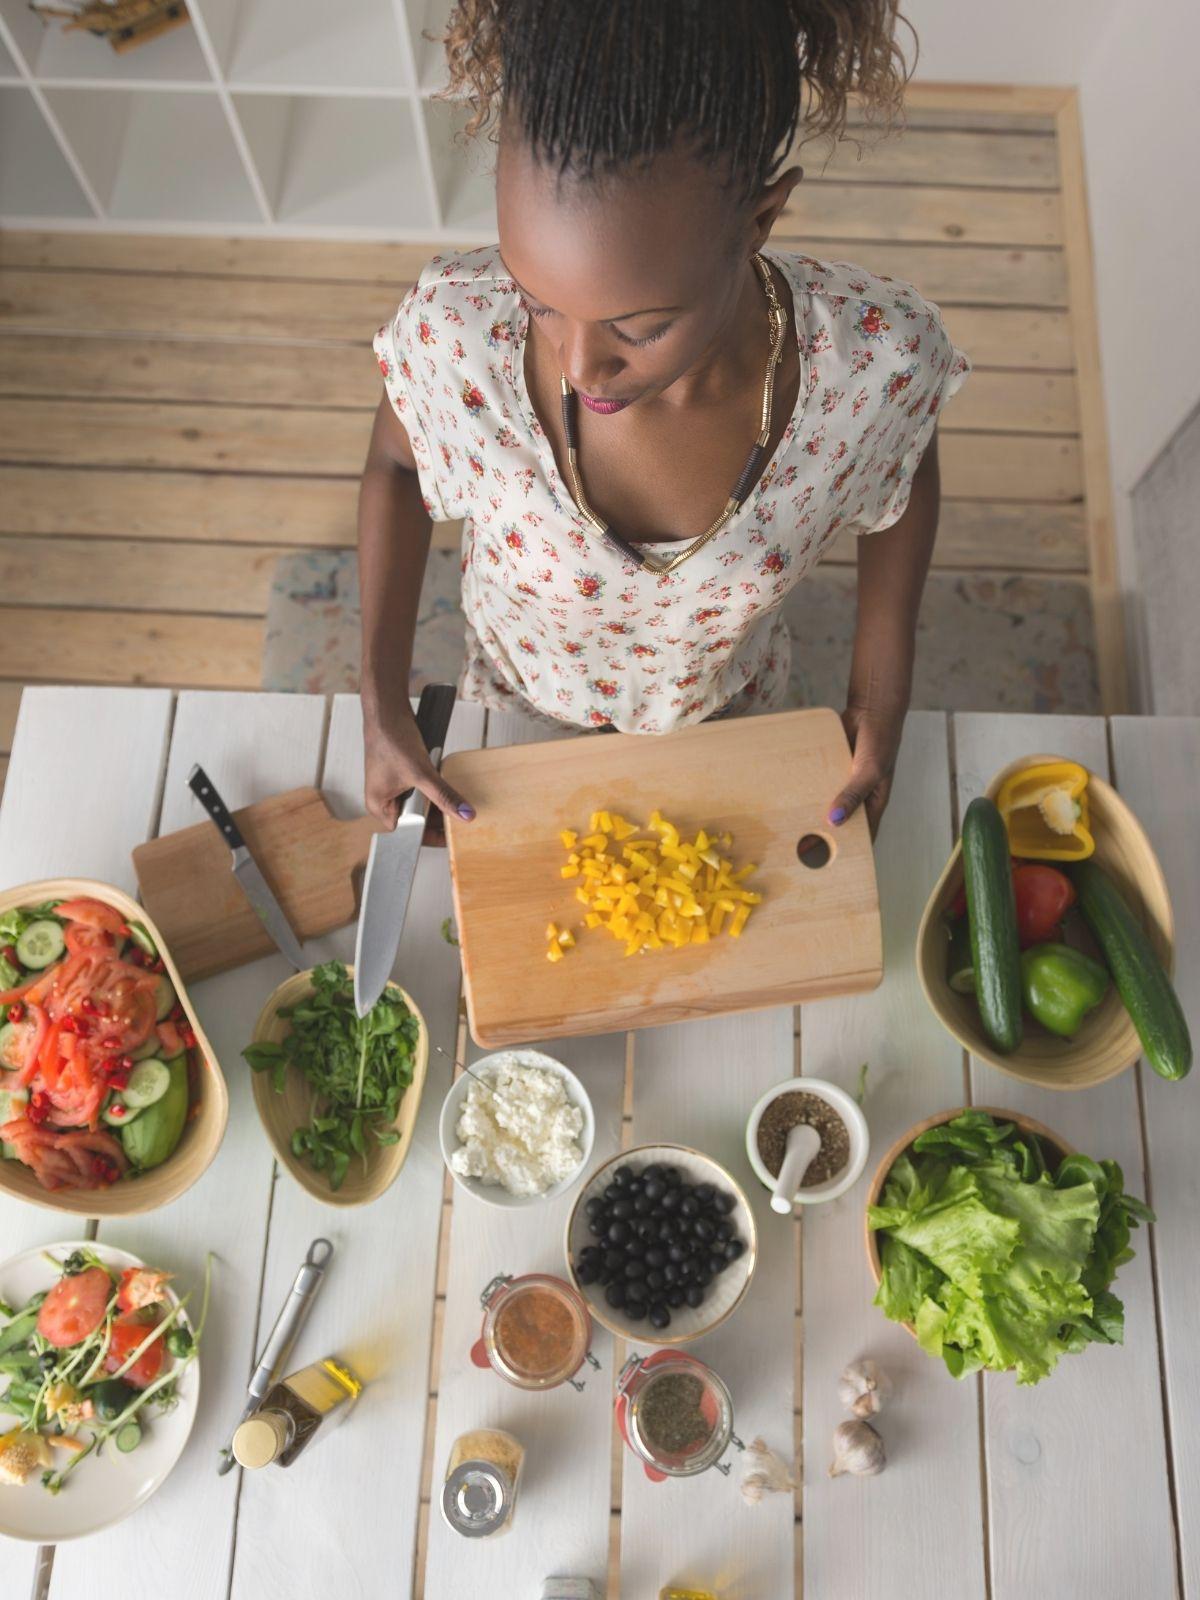 Women cutting vegetables in kitchen.